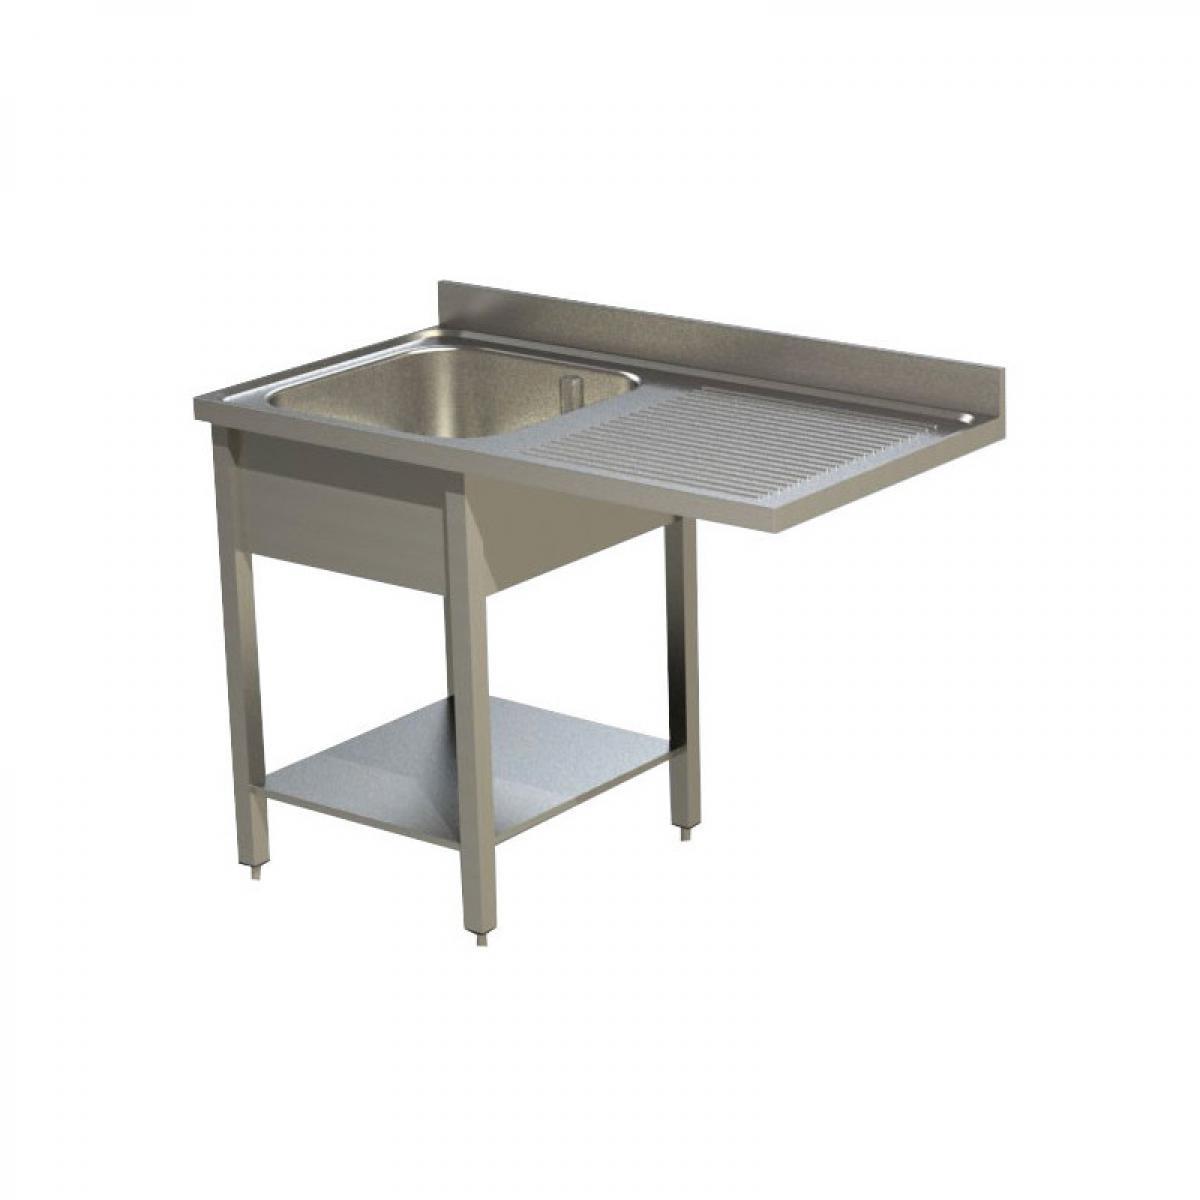 Materiel Chr Pro Plonge Inox Gamme 600 avec Passage Lave-Vaisselle - Égouttoir Droite ou Gauche -